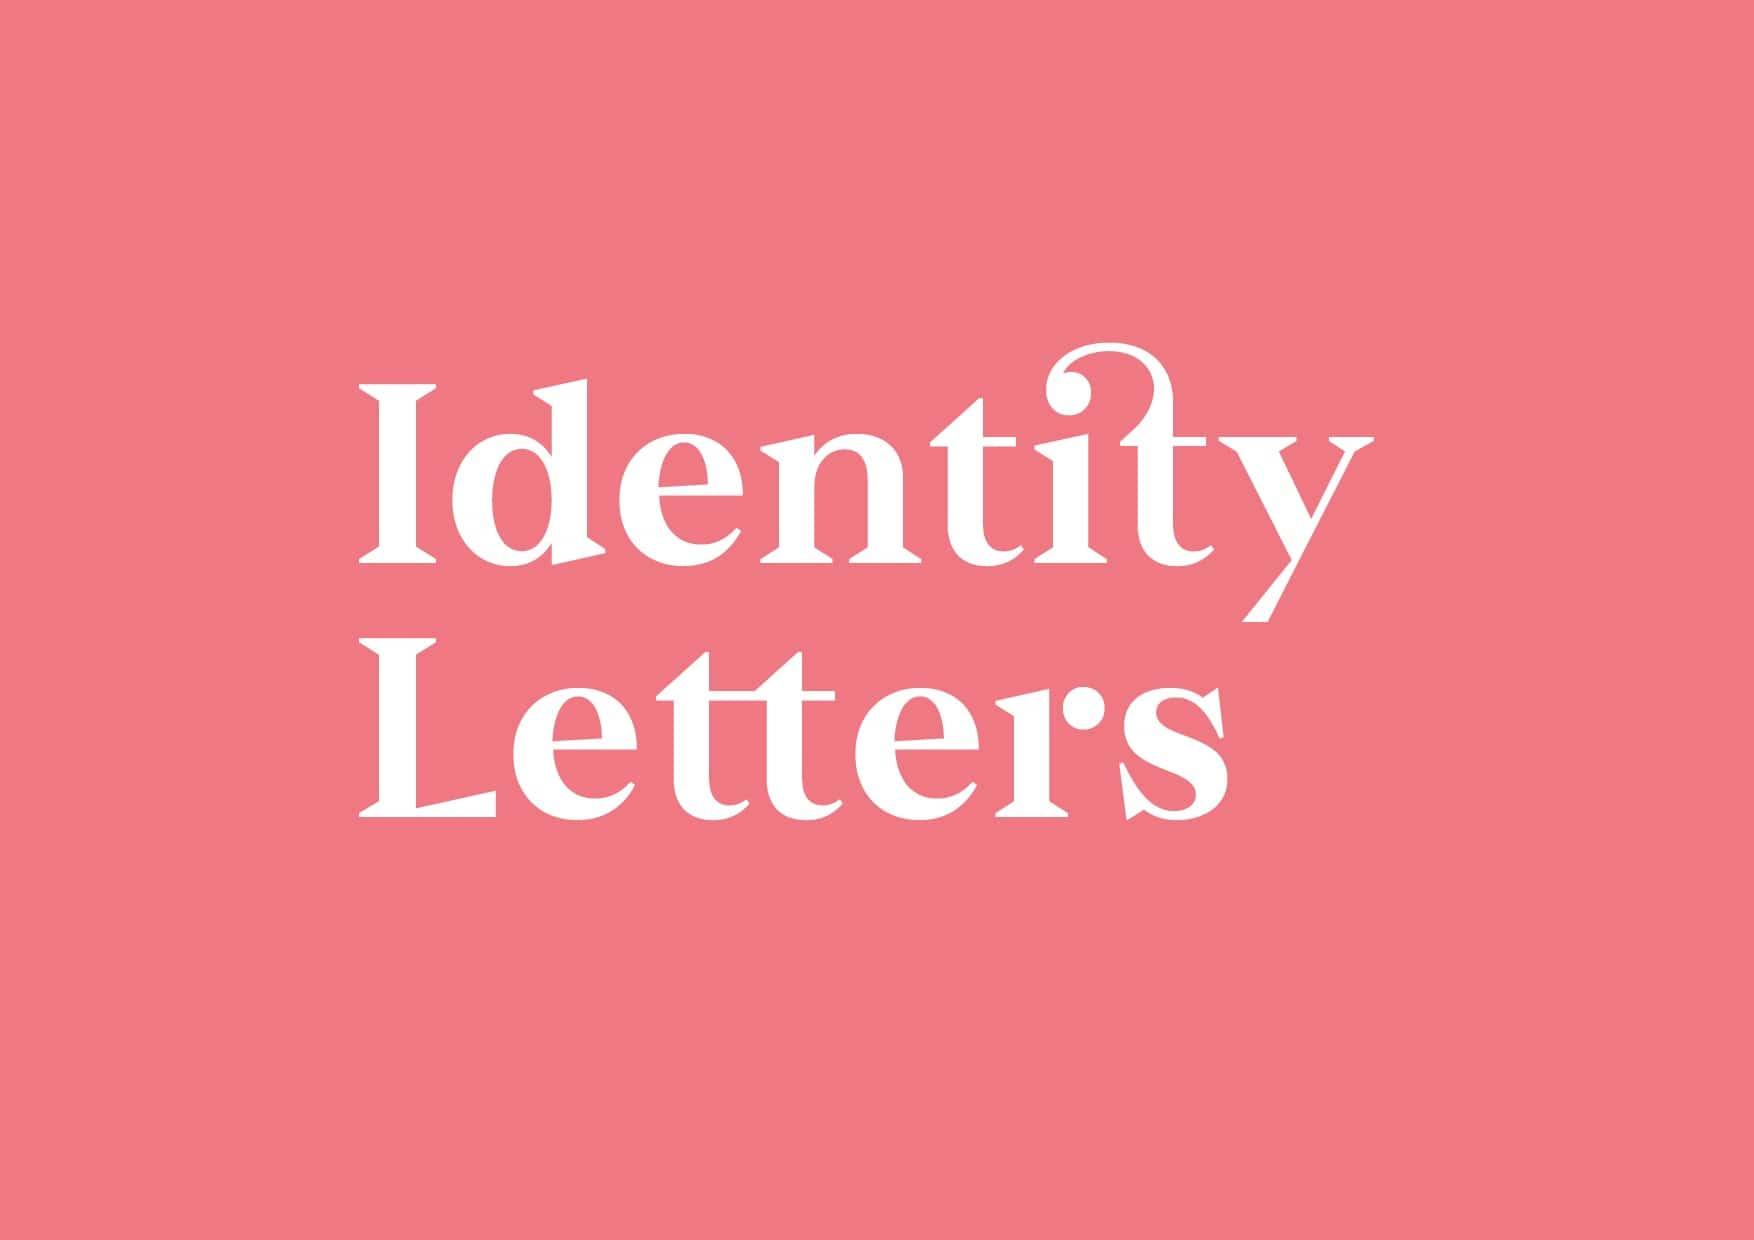 IdentityLettersLogo